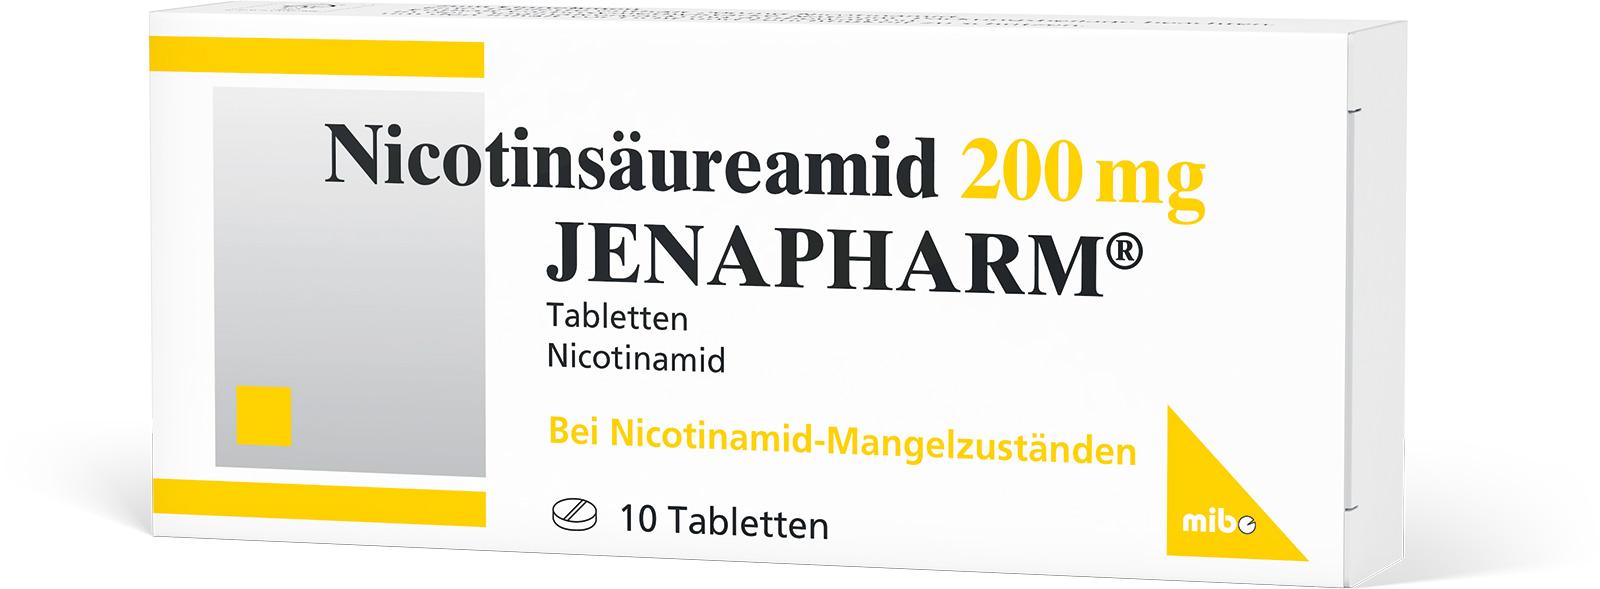 Nicotinsäureamid 200 mg JENAPHARM<sup>®</sup>